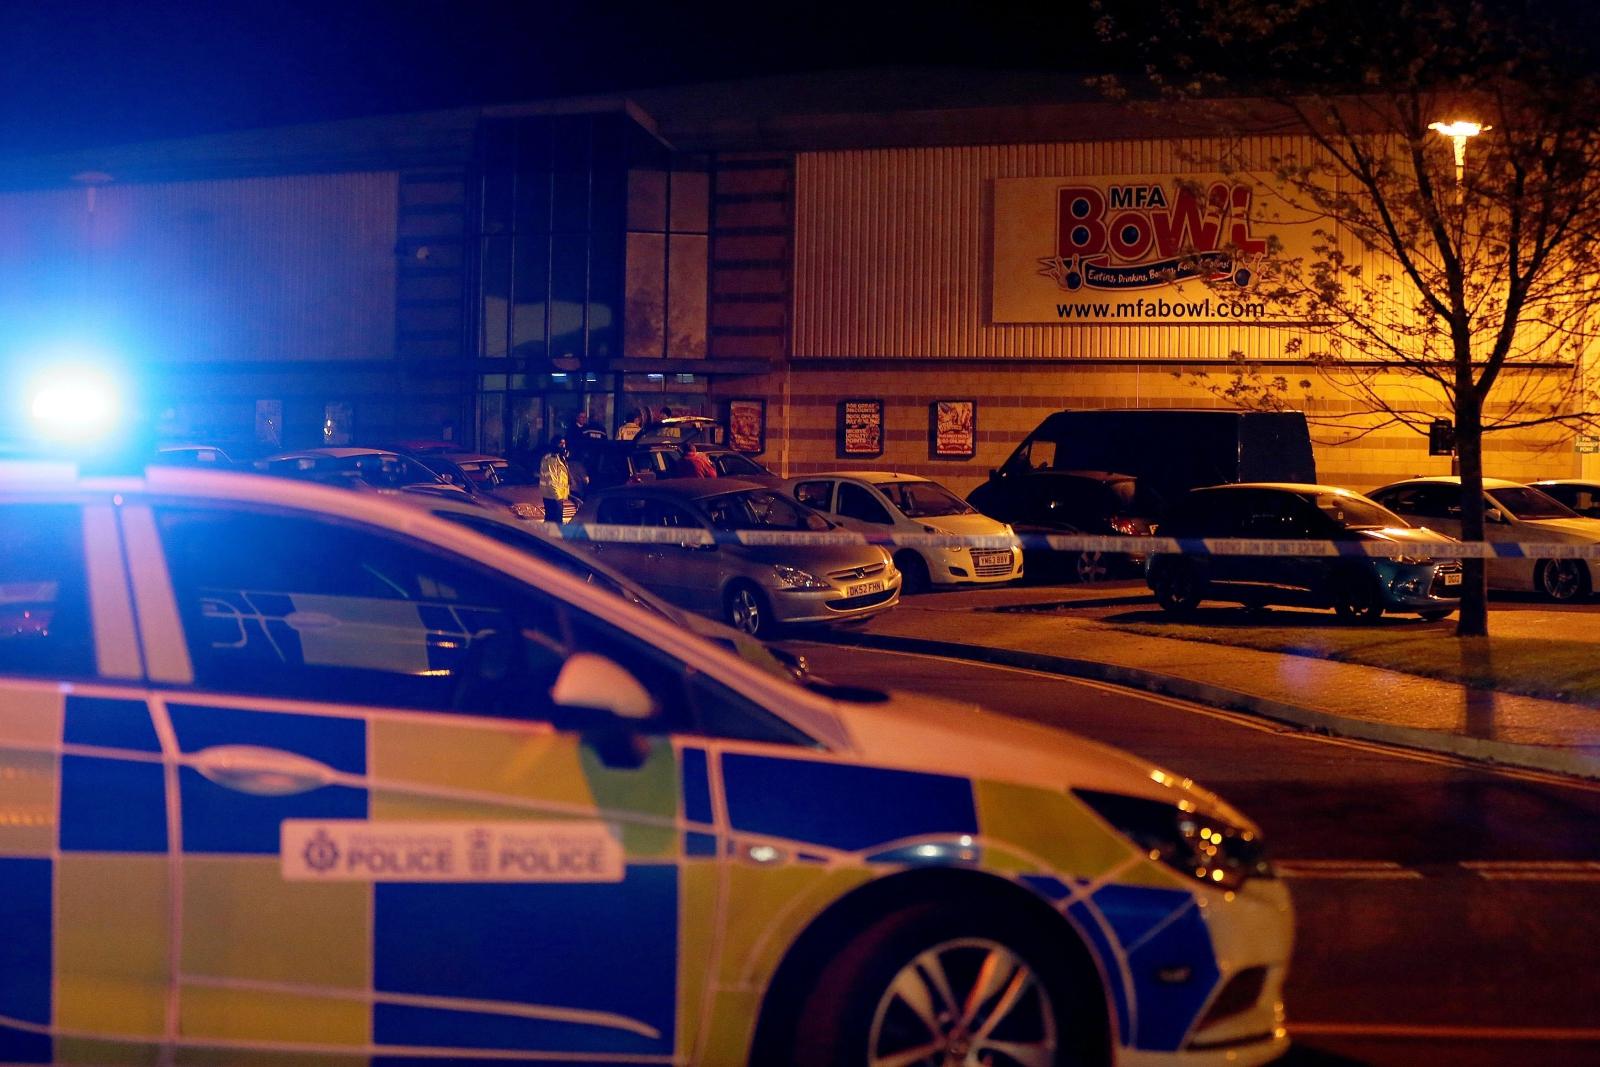 Policja przy klubie w którym uzbrojony mężczyzna wziął dwóch zakładników, Nuneatom, Wlk. Brytania.